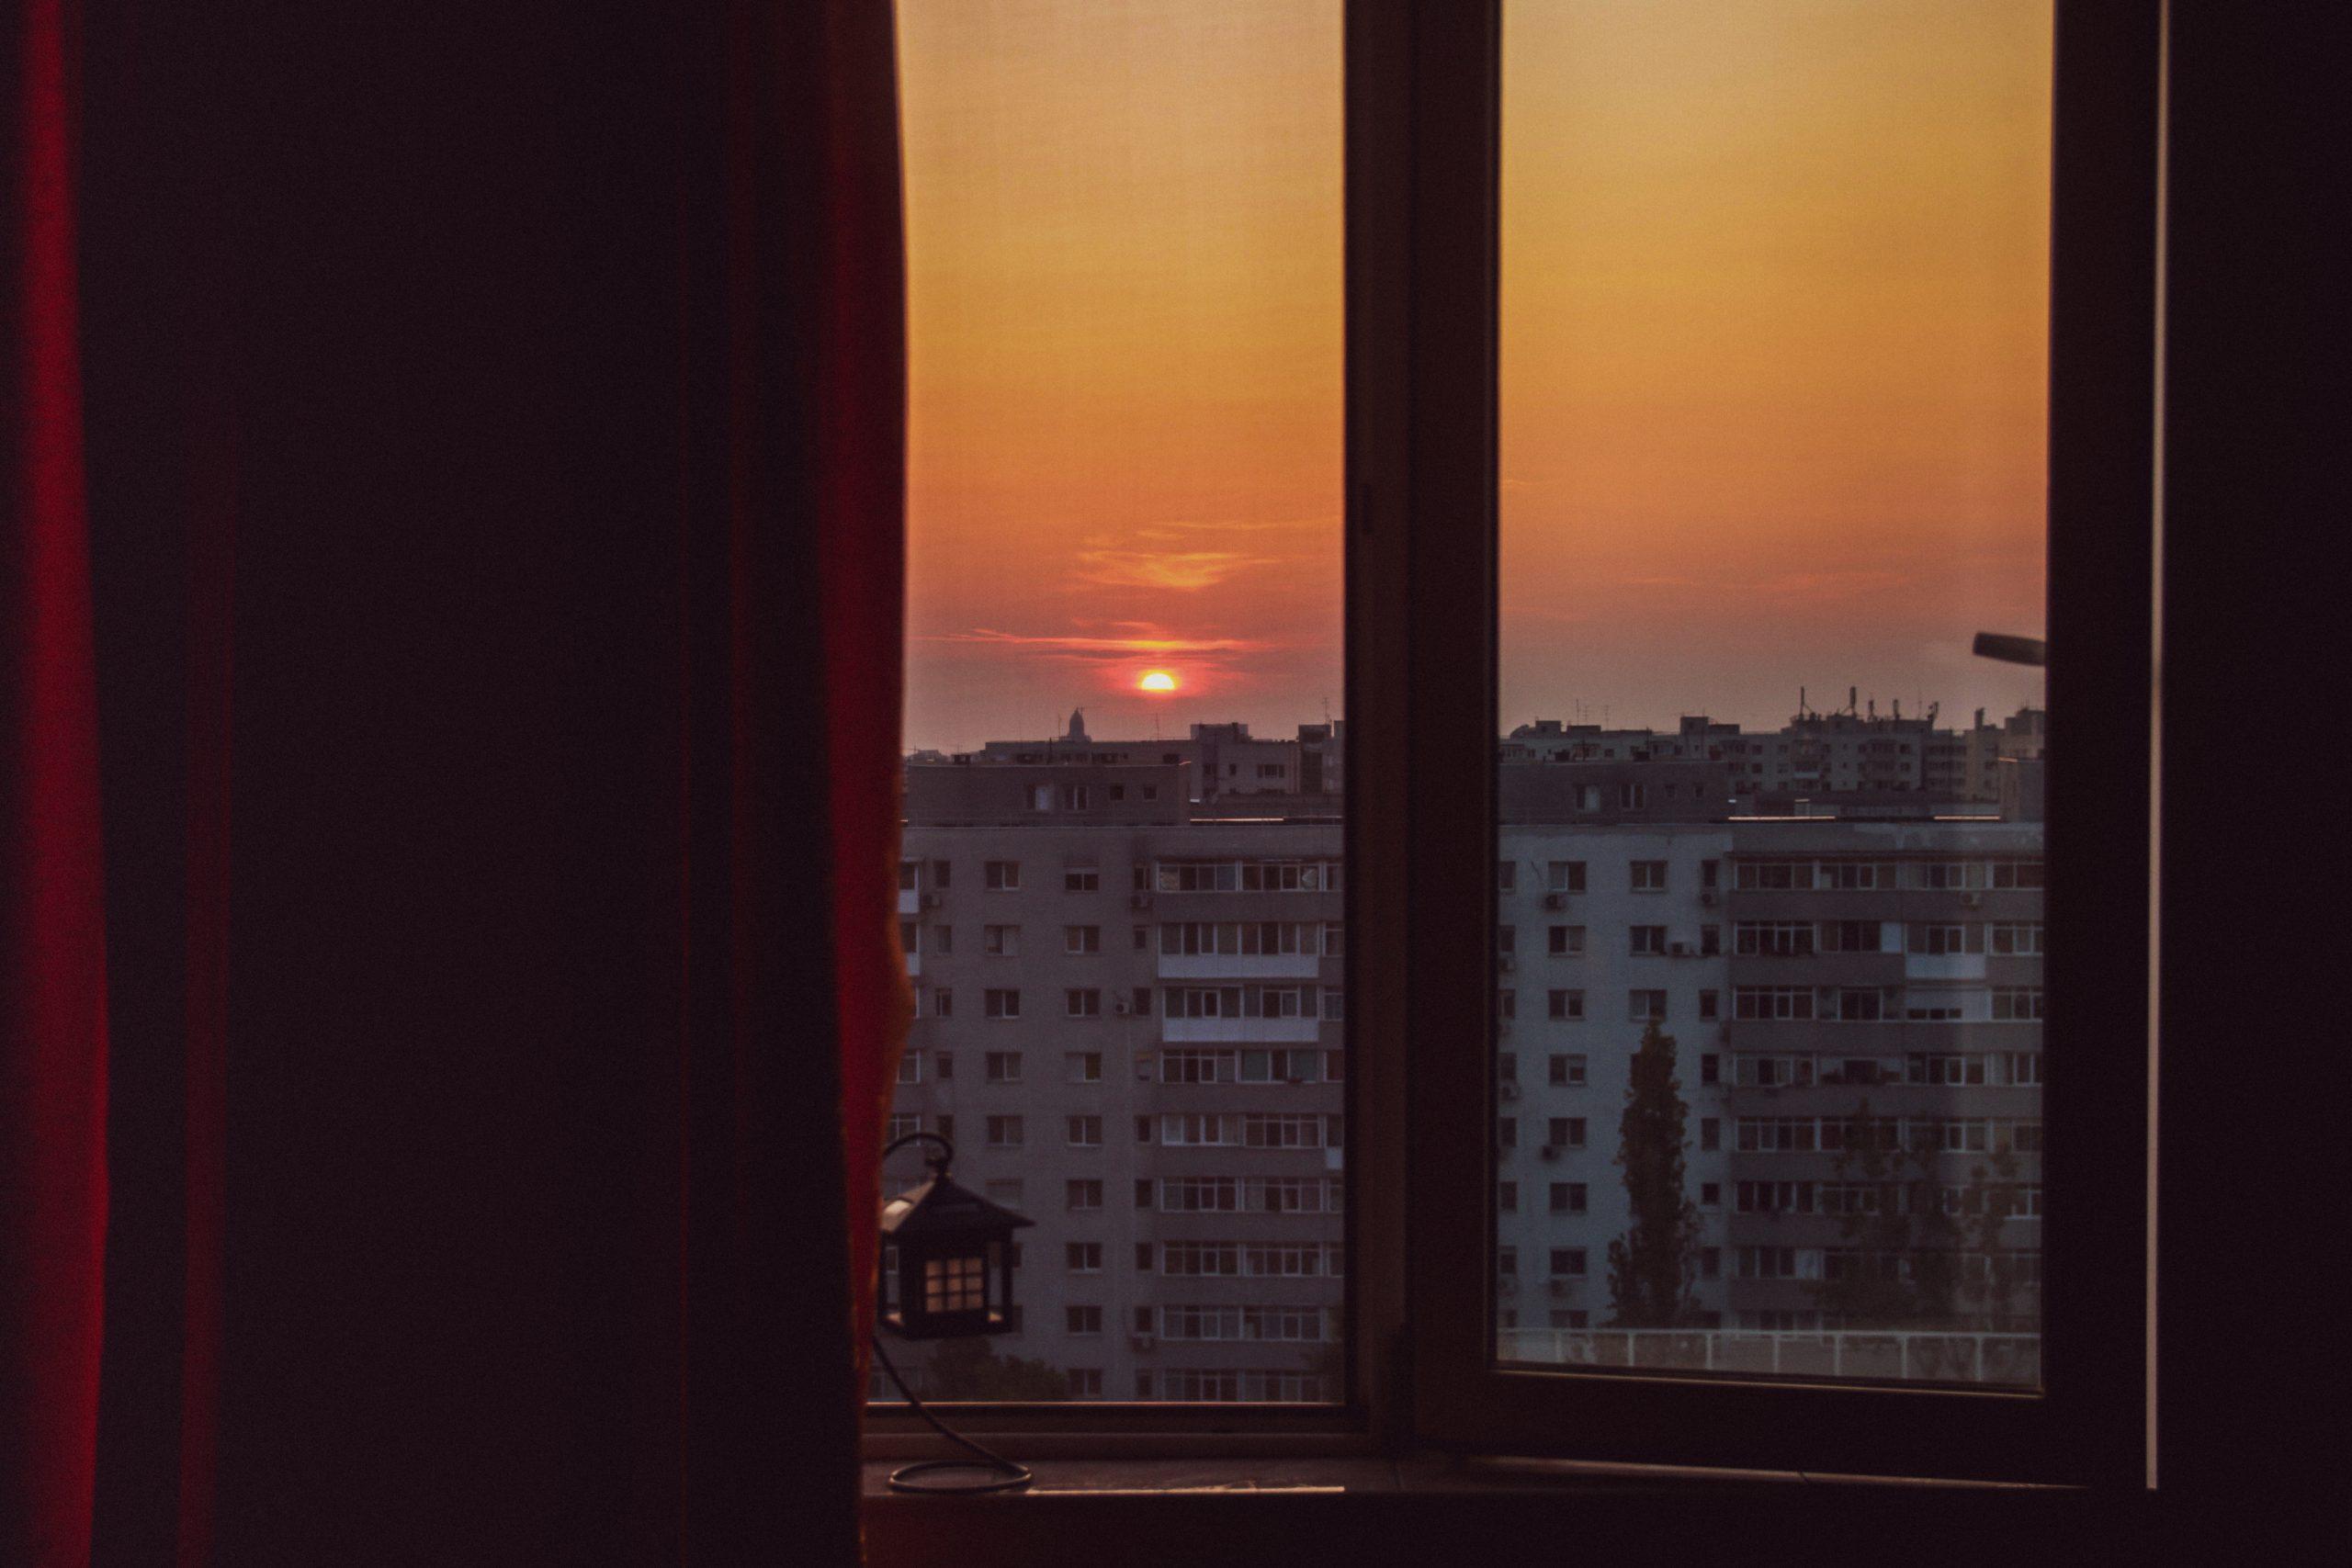 Prognoza meteo pentru București. Cum va fi vremea în Capitală în zilele următoare conform anunțului ANM